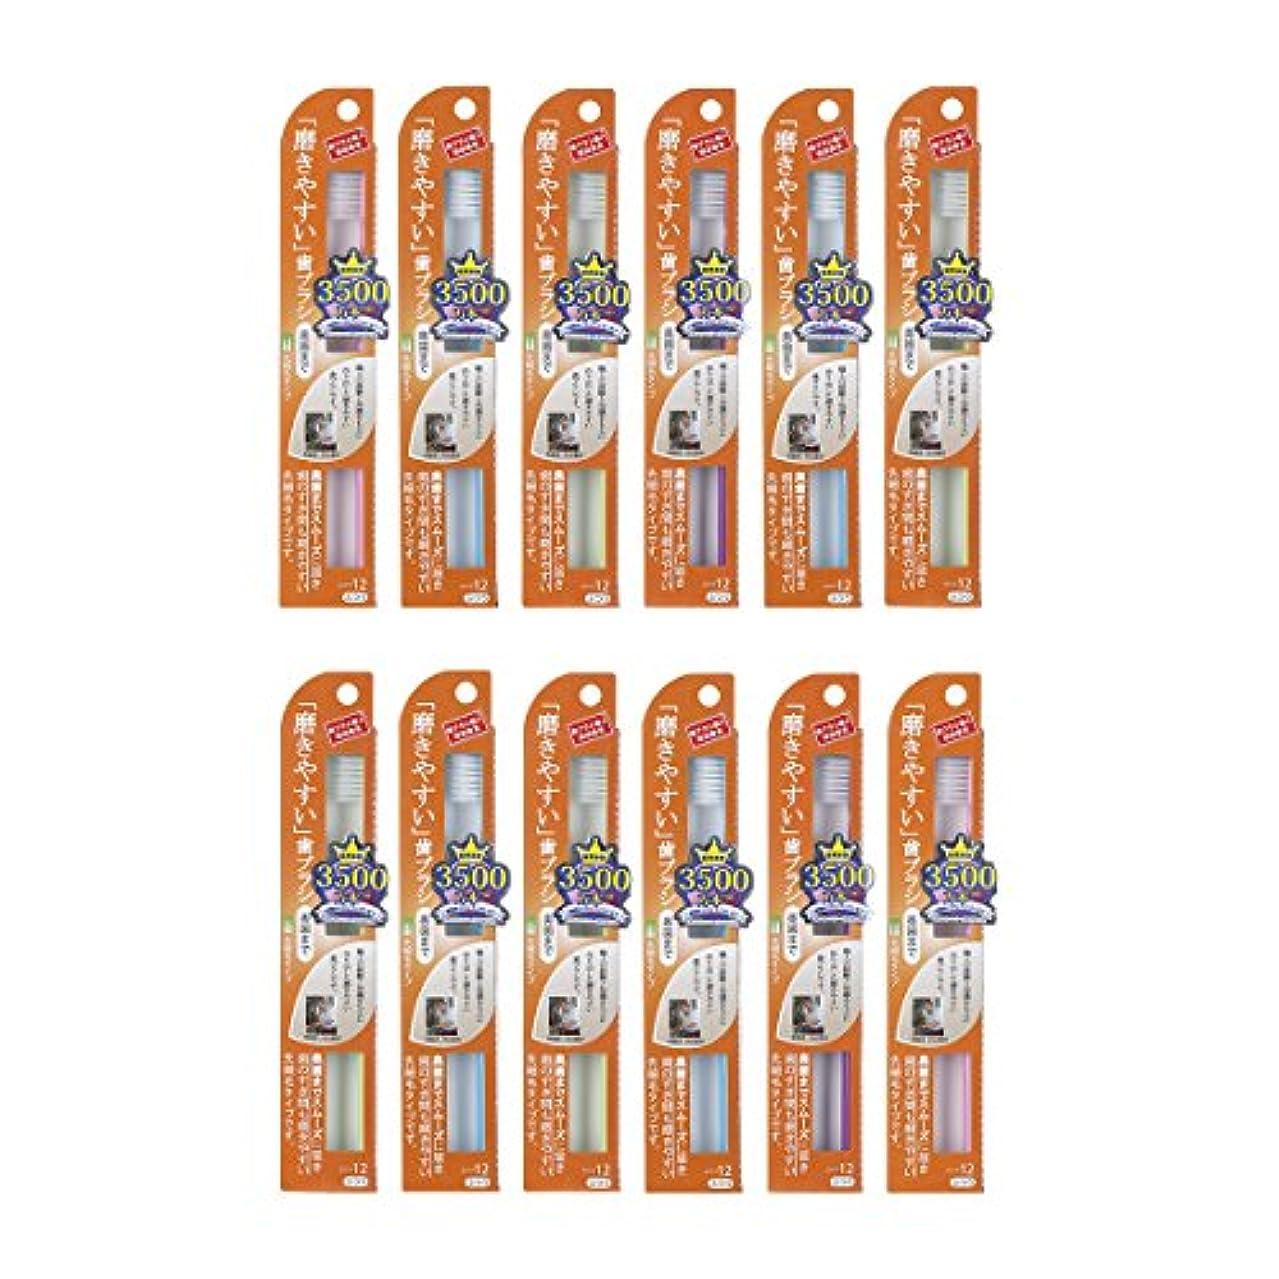 オール散るもっと少なく歯ブラシ職人Artooth ®田辺重吉 日本製 磨きやすい歯ブラシ(奥歯まで)先細毛タイプ LT-12 (12本パック)